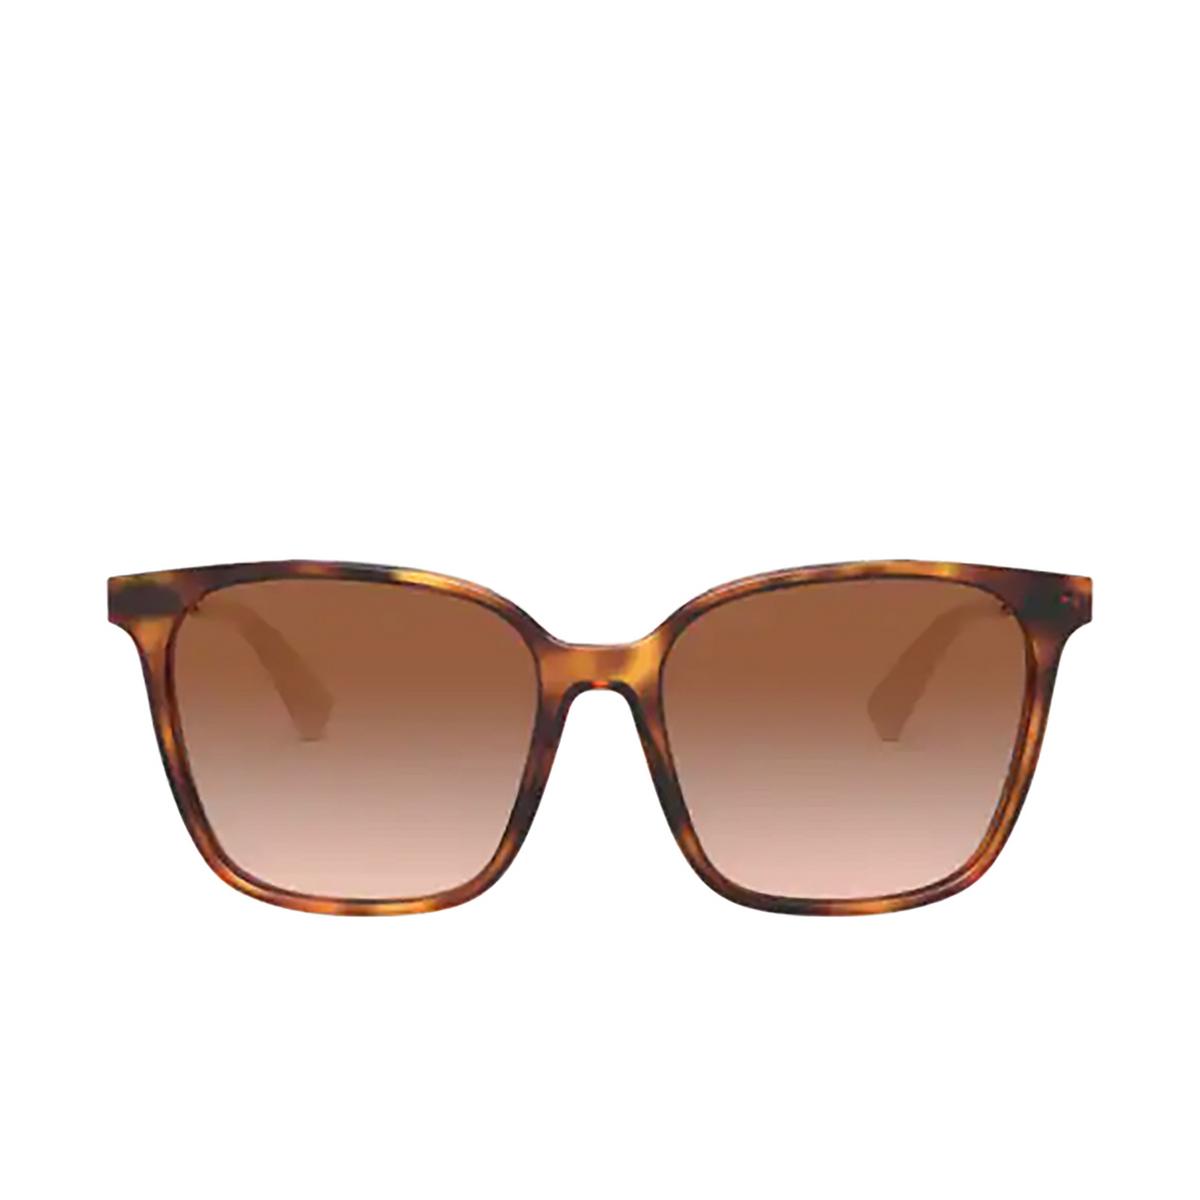 Valentino® Square Sunglasses: VA4078 color Havana 501113 - front view.